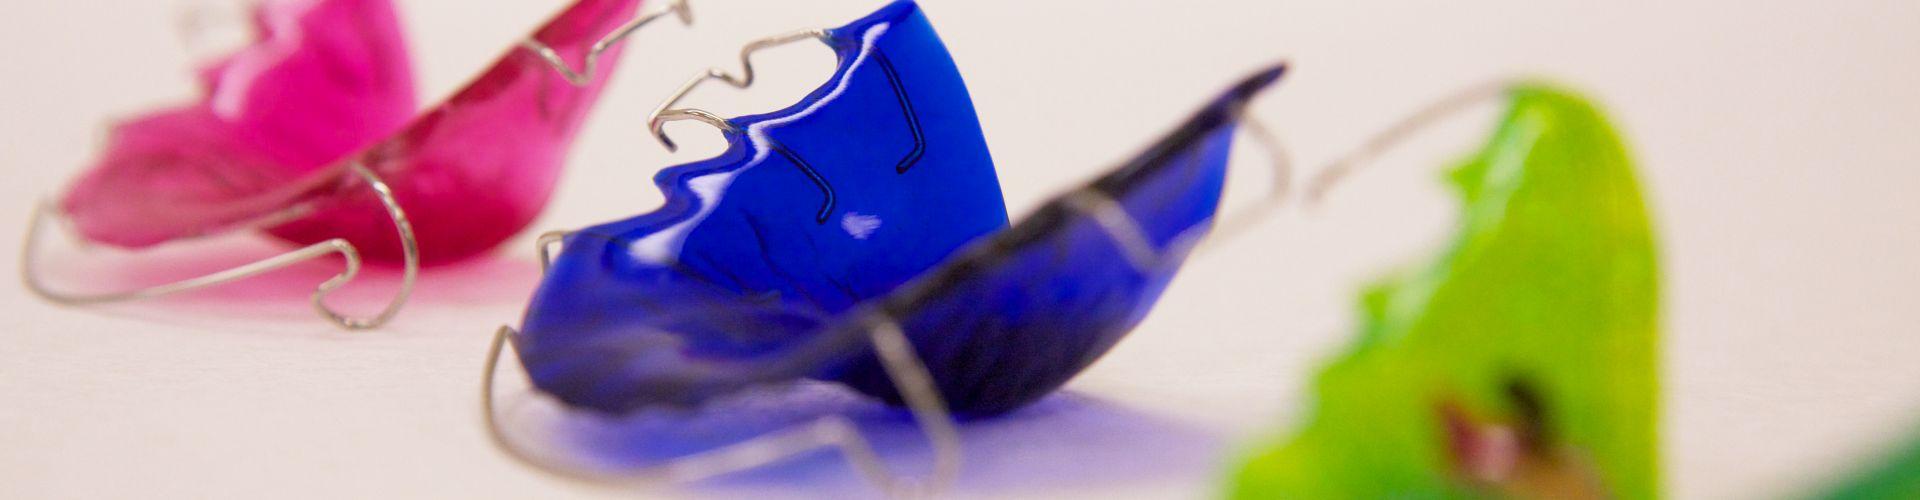 Зубные пластины для исправления прикуса